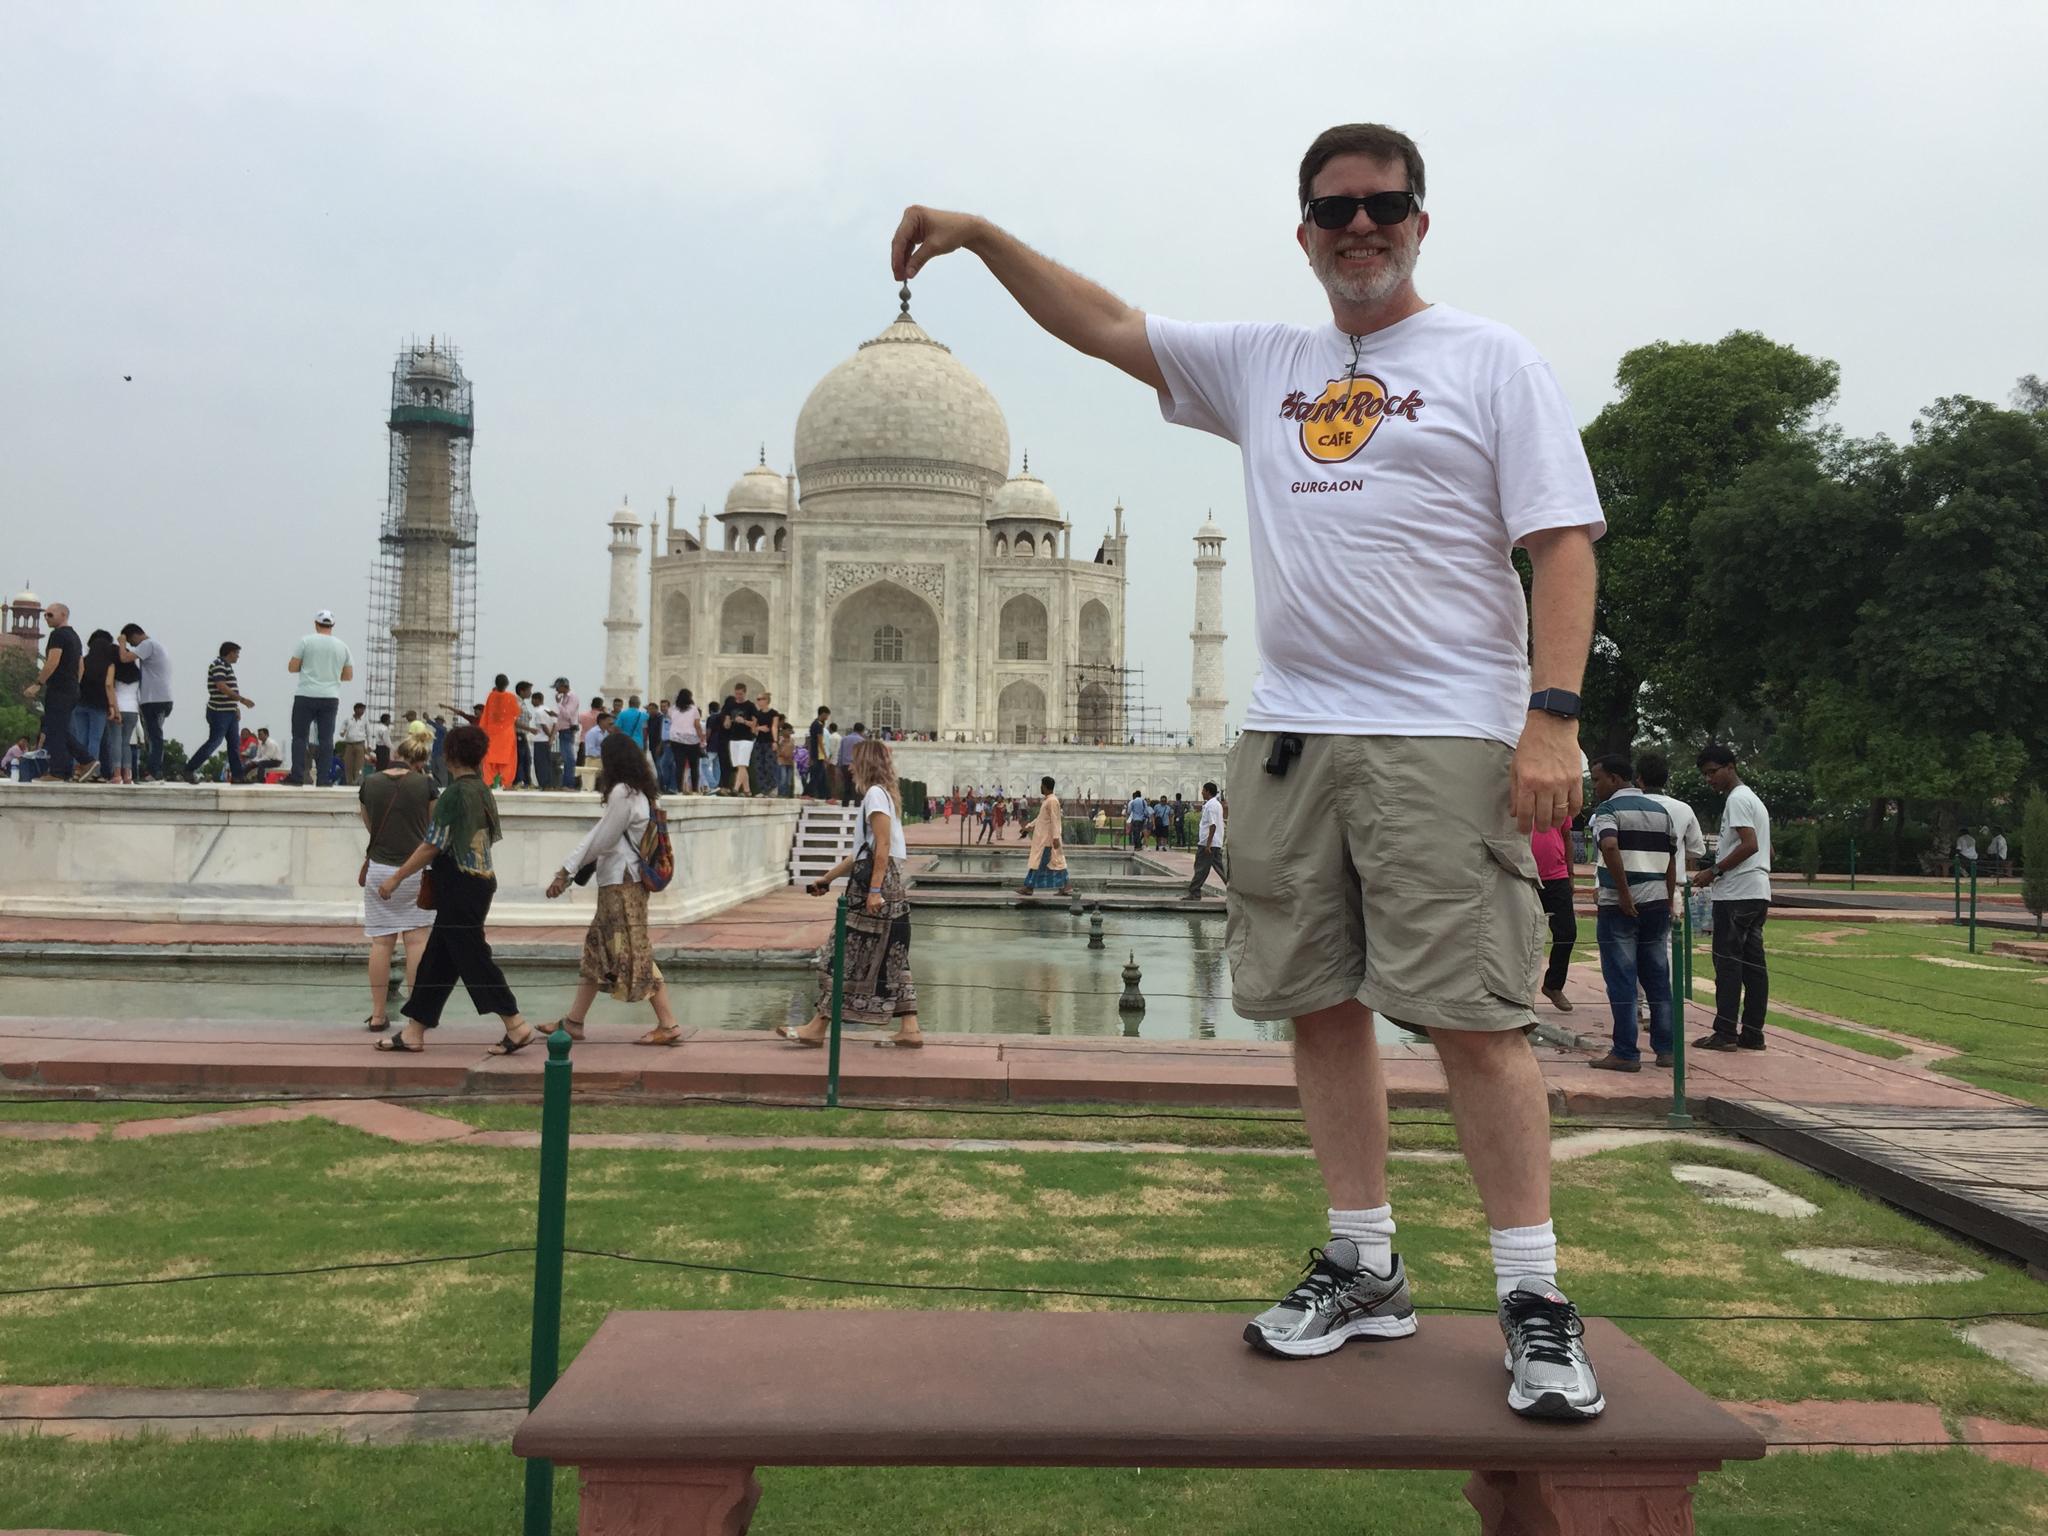 Steve holding up the Taj Mahal